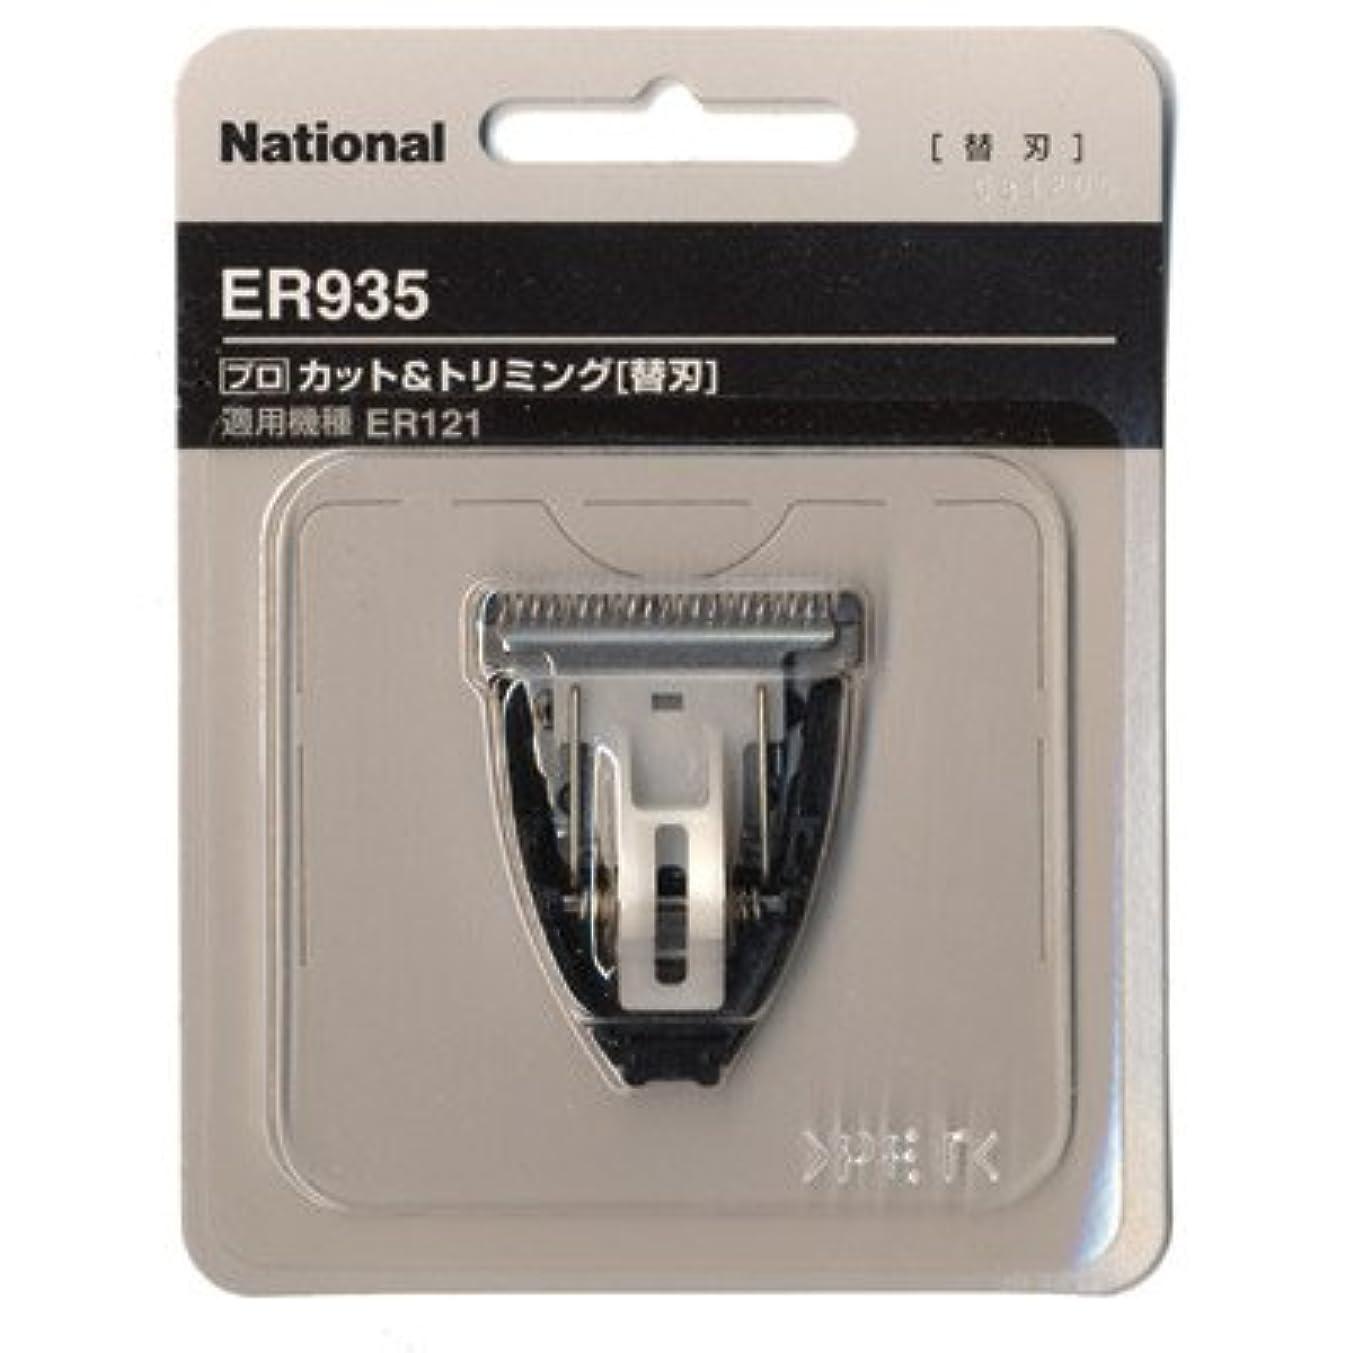 翻訳するレオナルドダ薄暗いパナソニック/ナショナル プロバリカン ER121用替刃 ER935